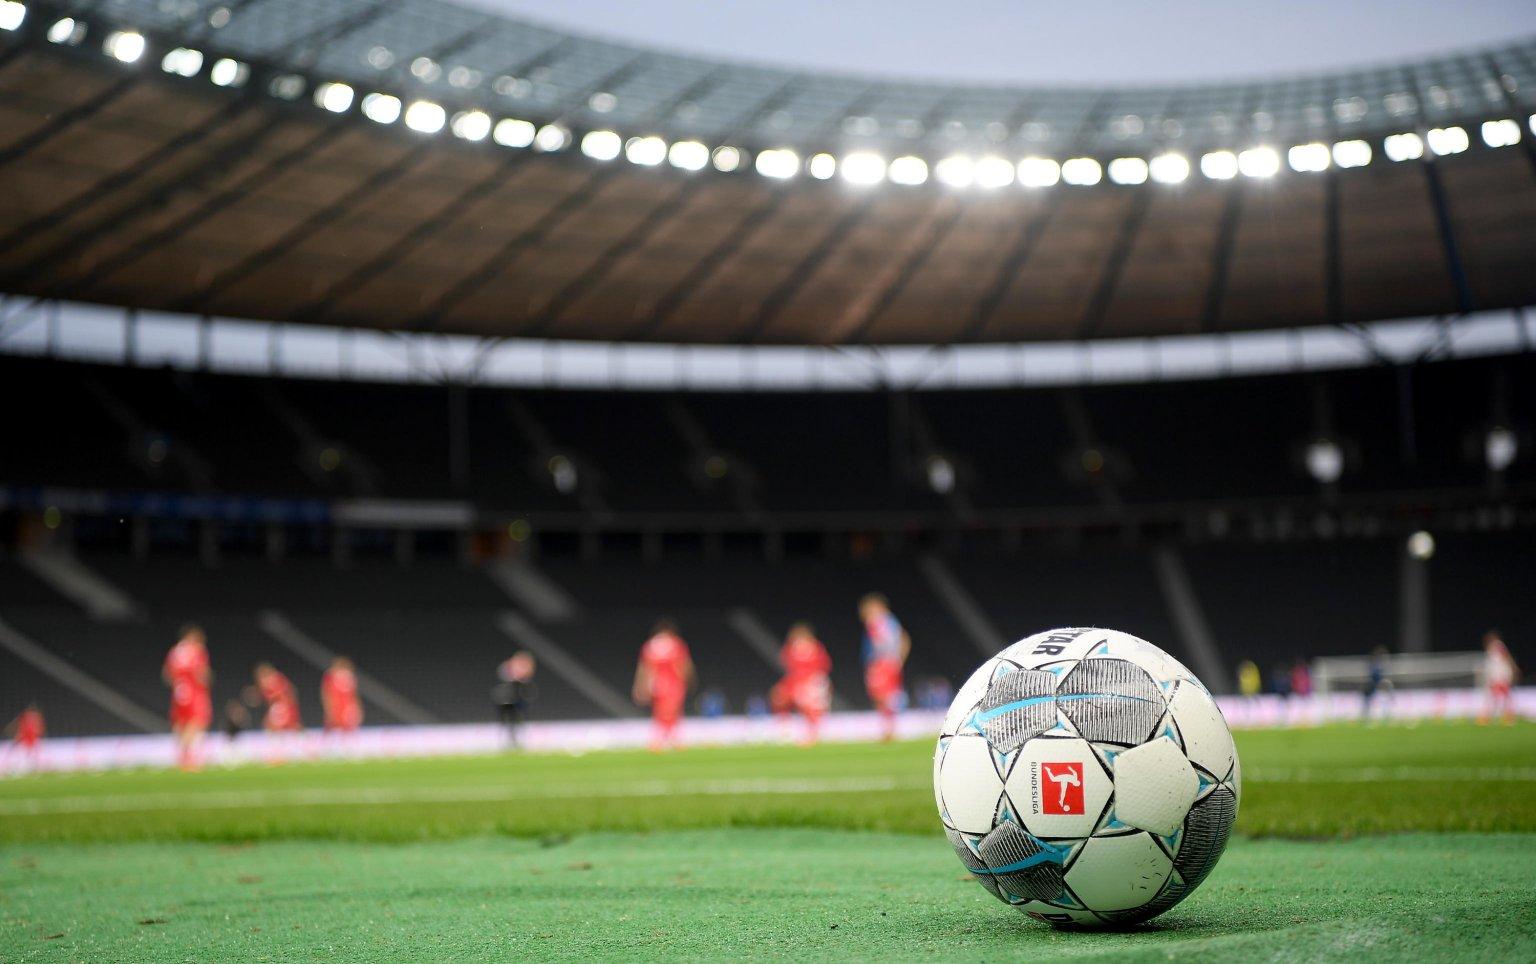 Calcio Estero Sky Sport, Diretta Gol Bundesliga | Palinsesto e Telecronisti 27a Giornata